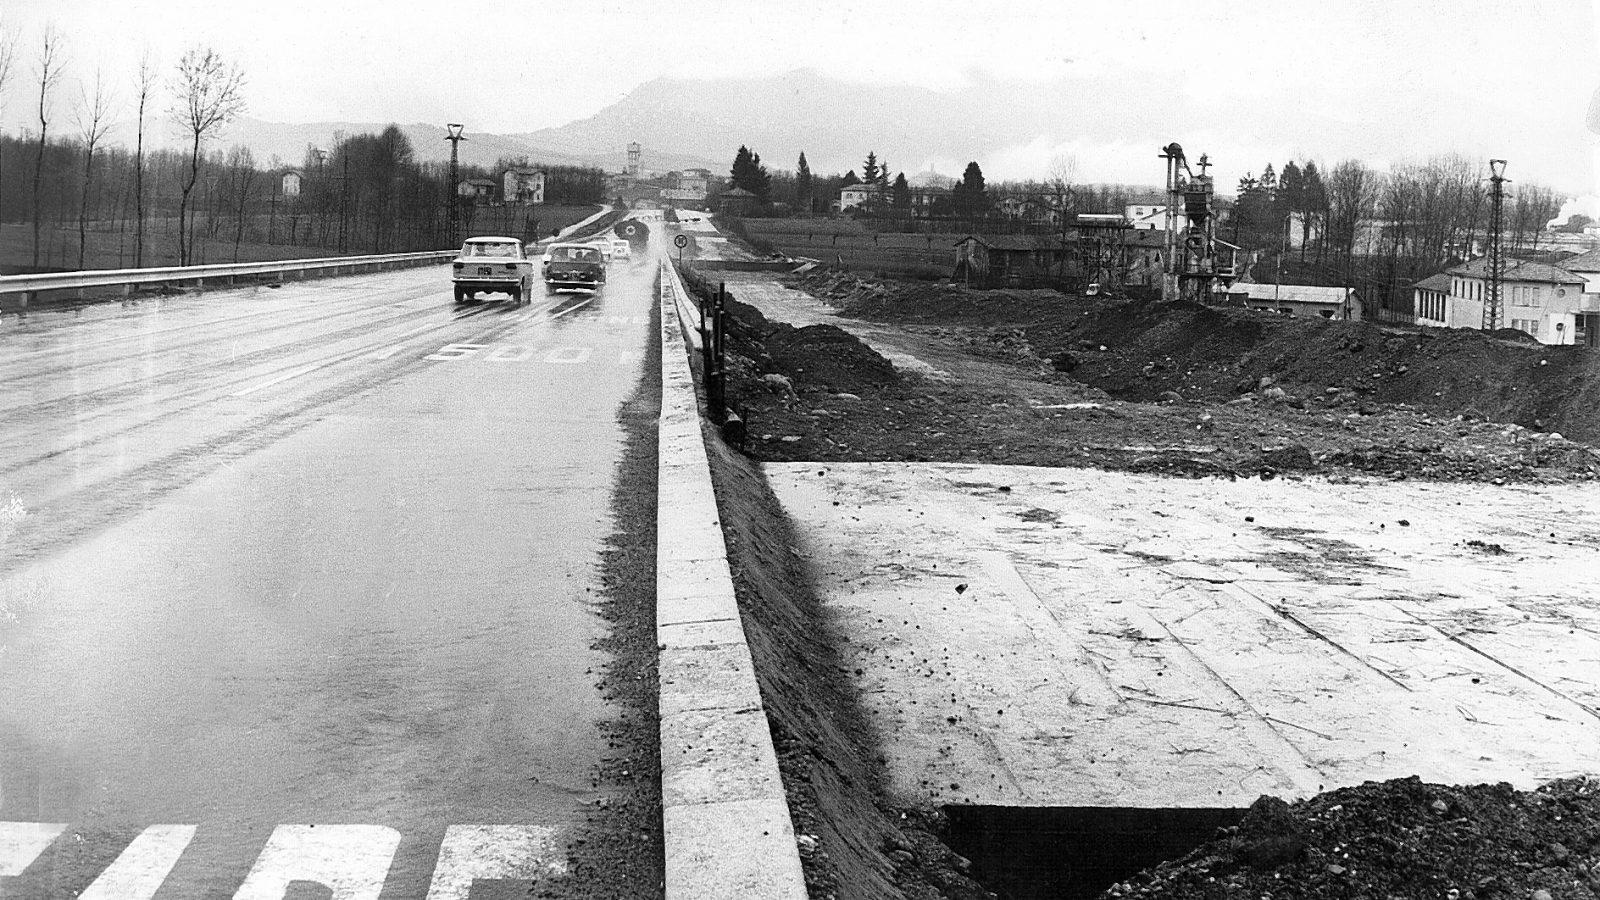 Autostrada A9 Milano-Como, lavori di raddoppio (Archivio storico Anas)